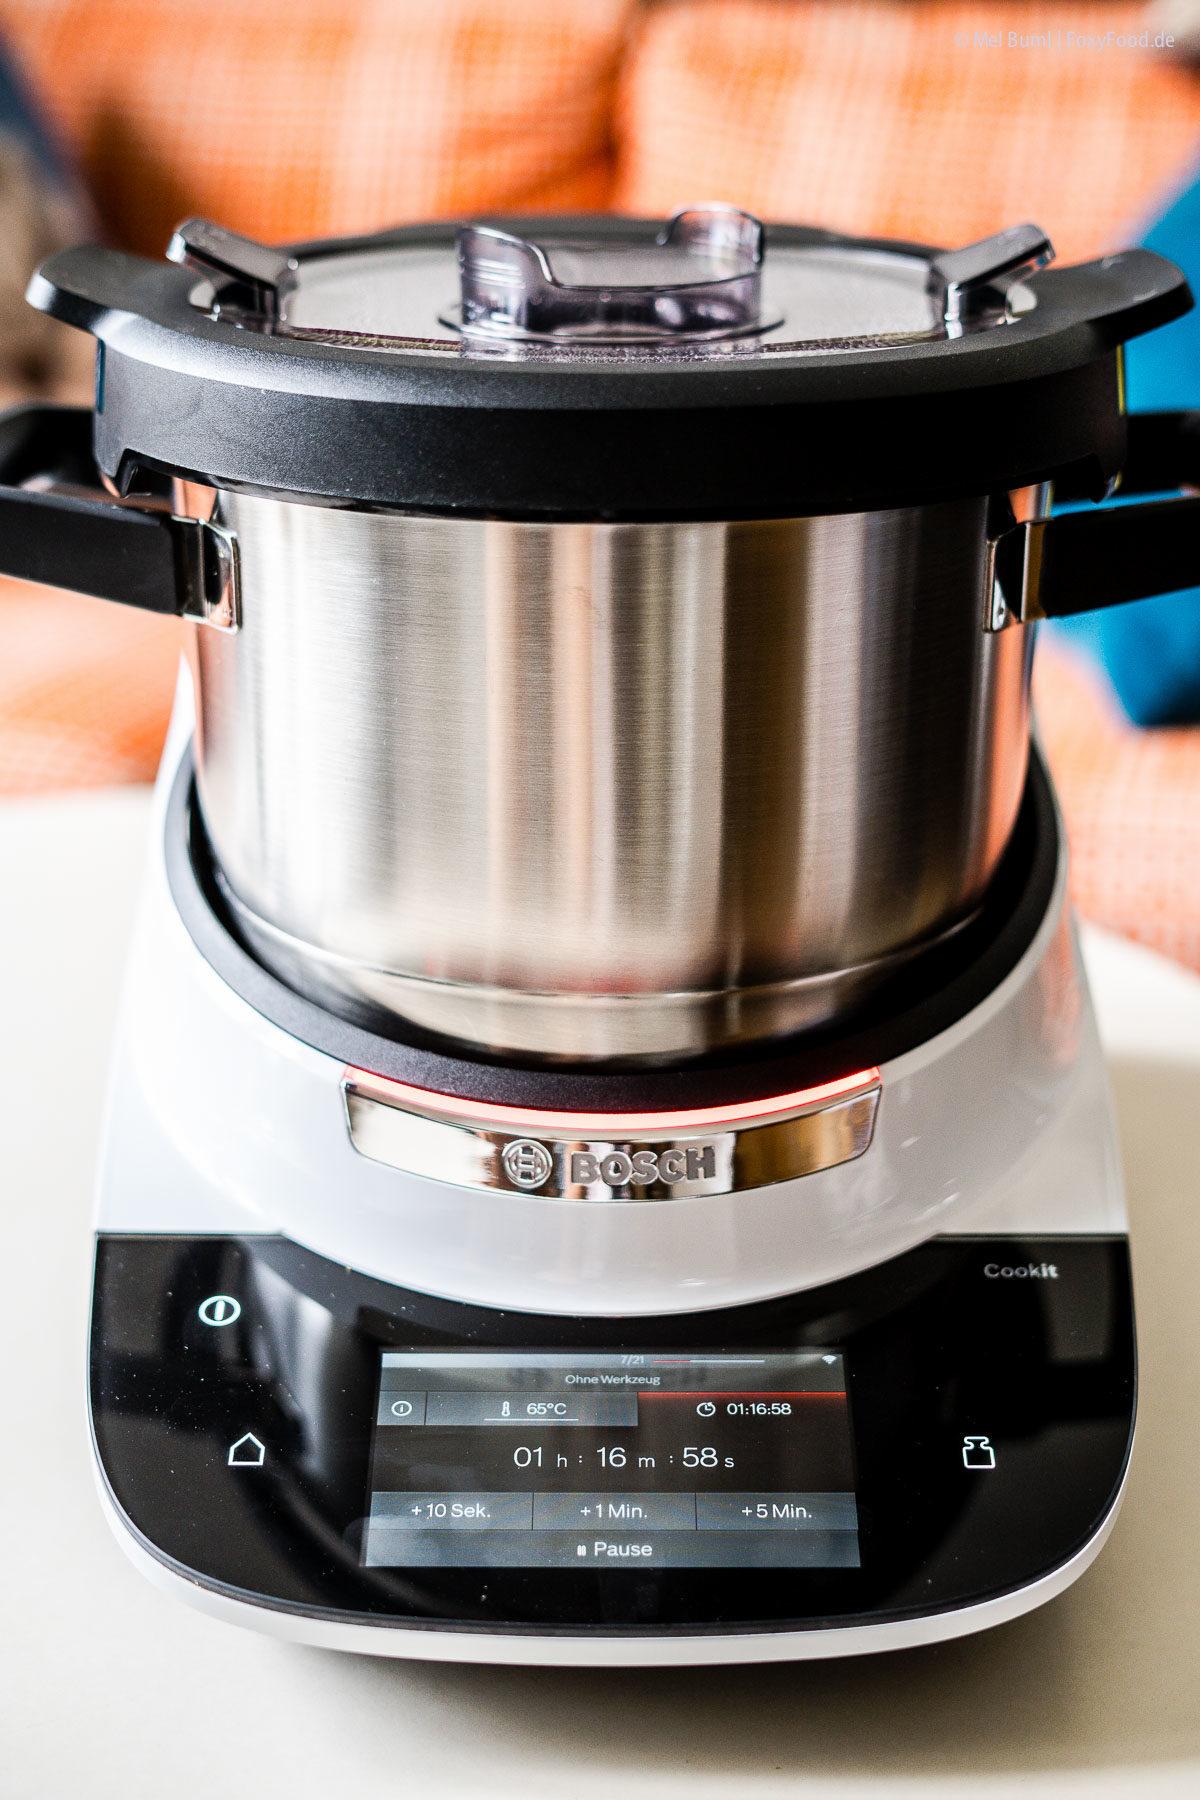 Cookit von Bosch in der täglichen Anwendung |FoxyFood.de